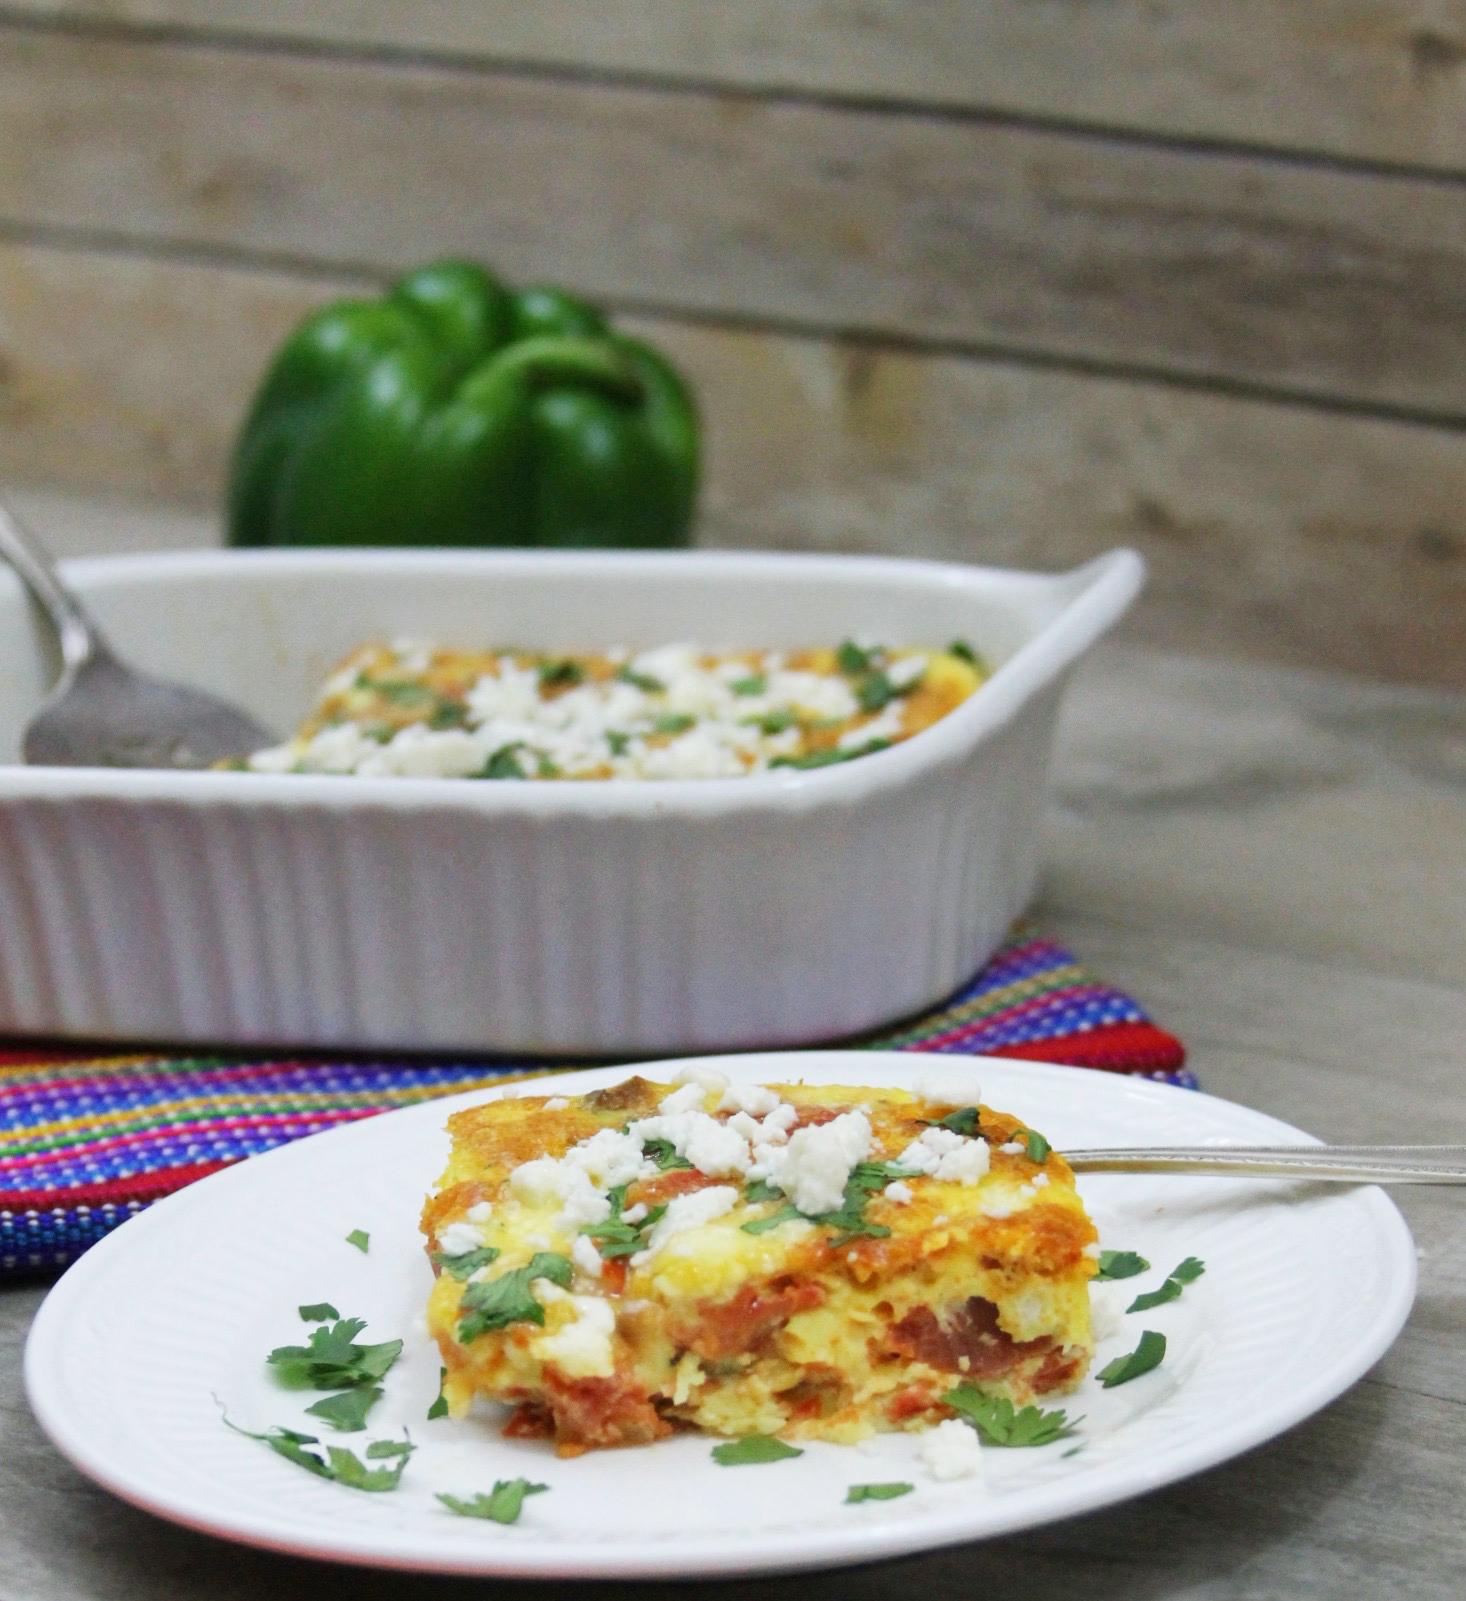 Baked havana style eggs wth chorizo